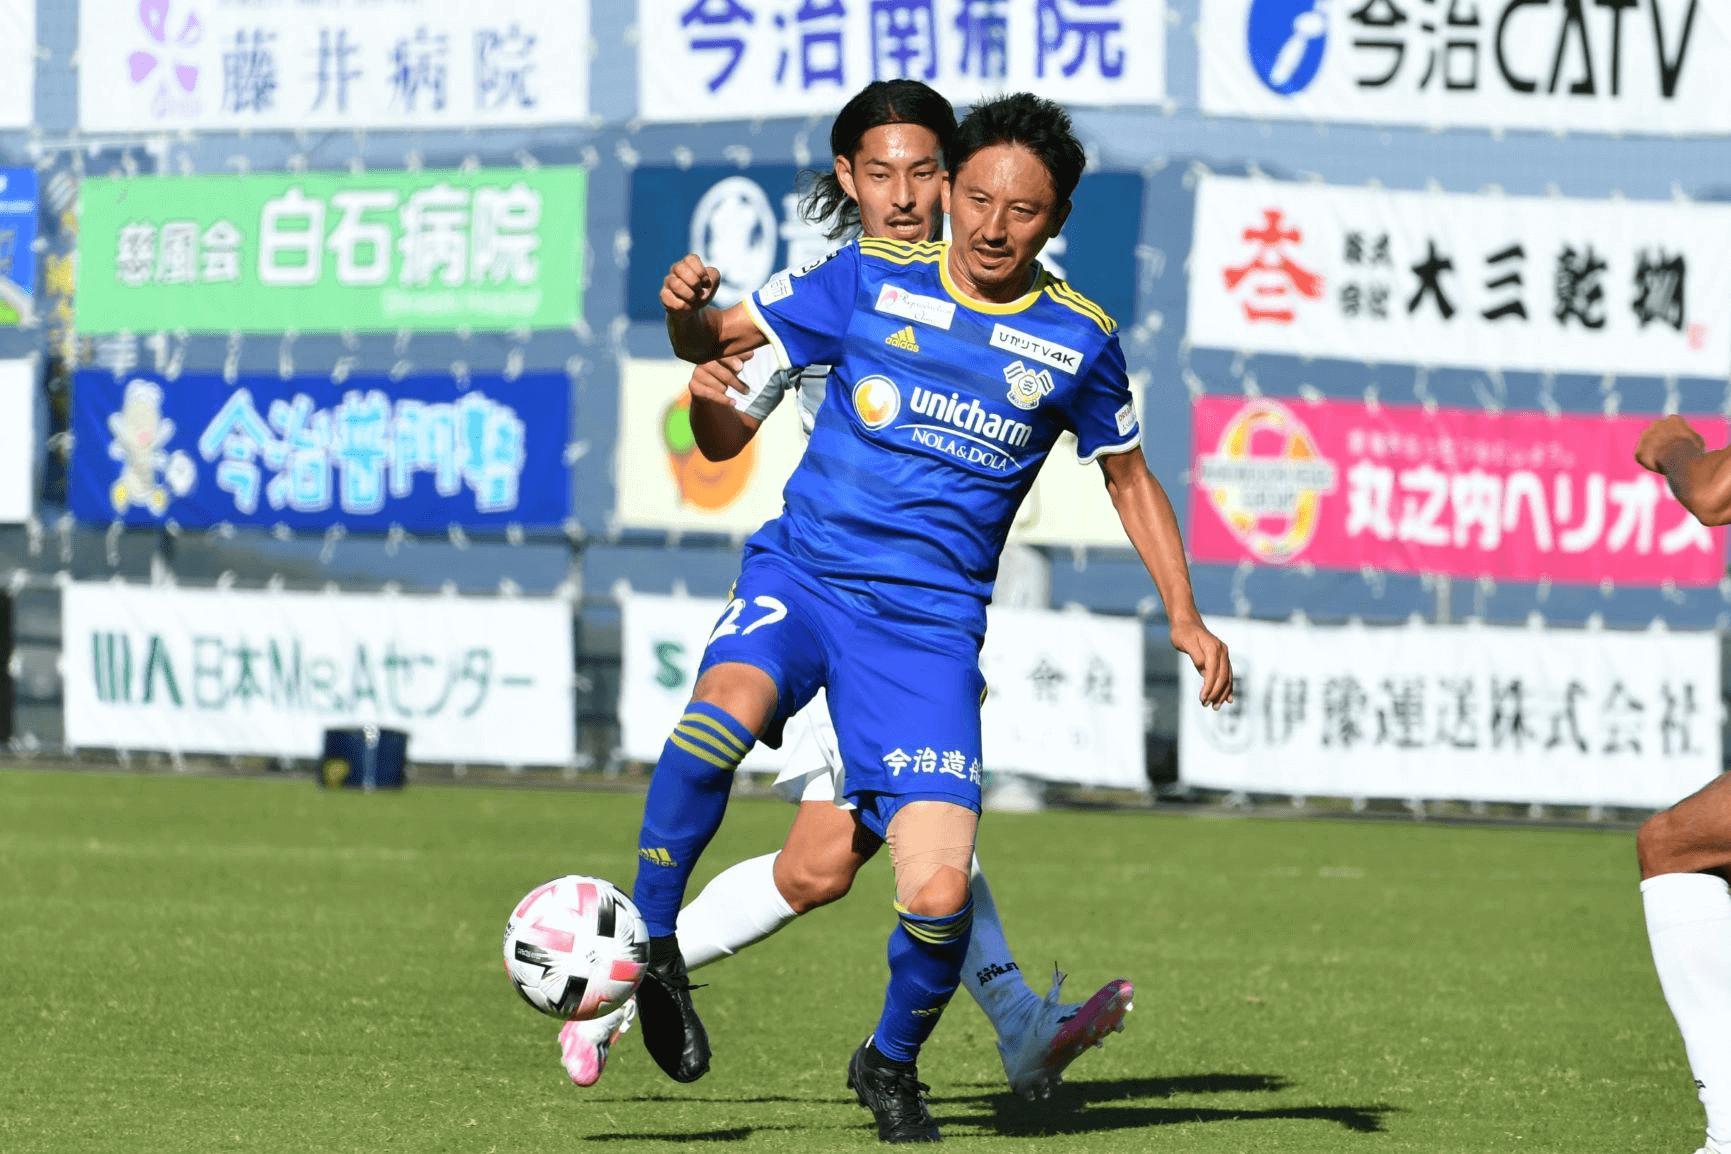 FC今治選手写真1